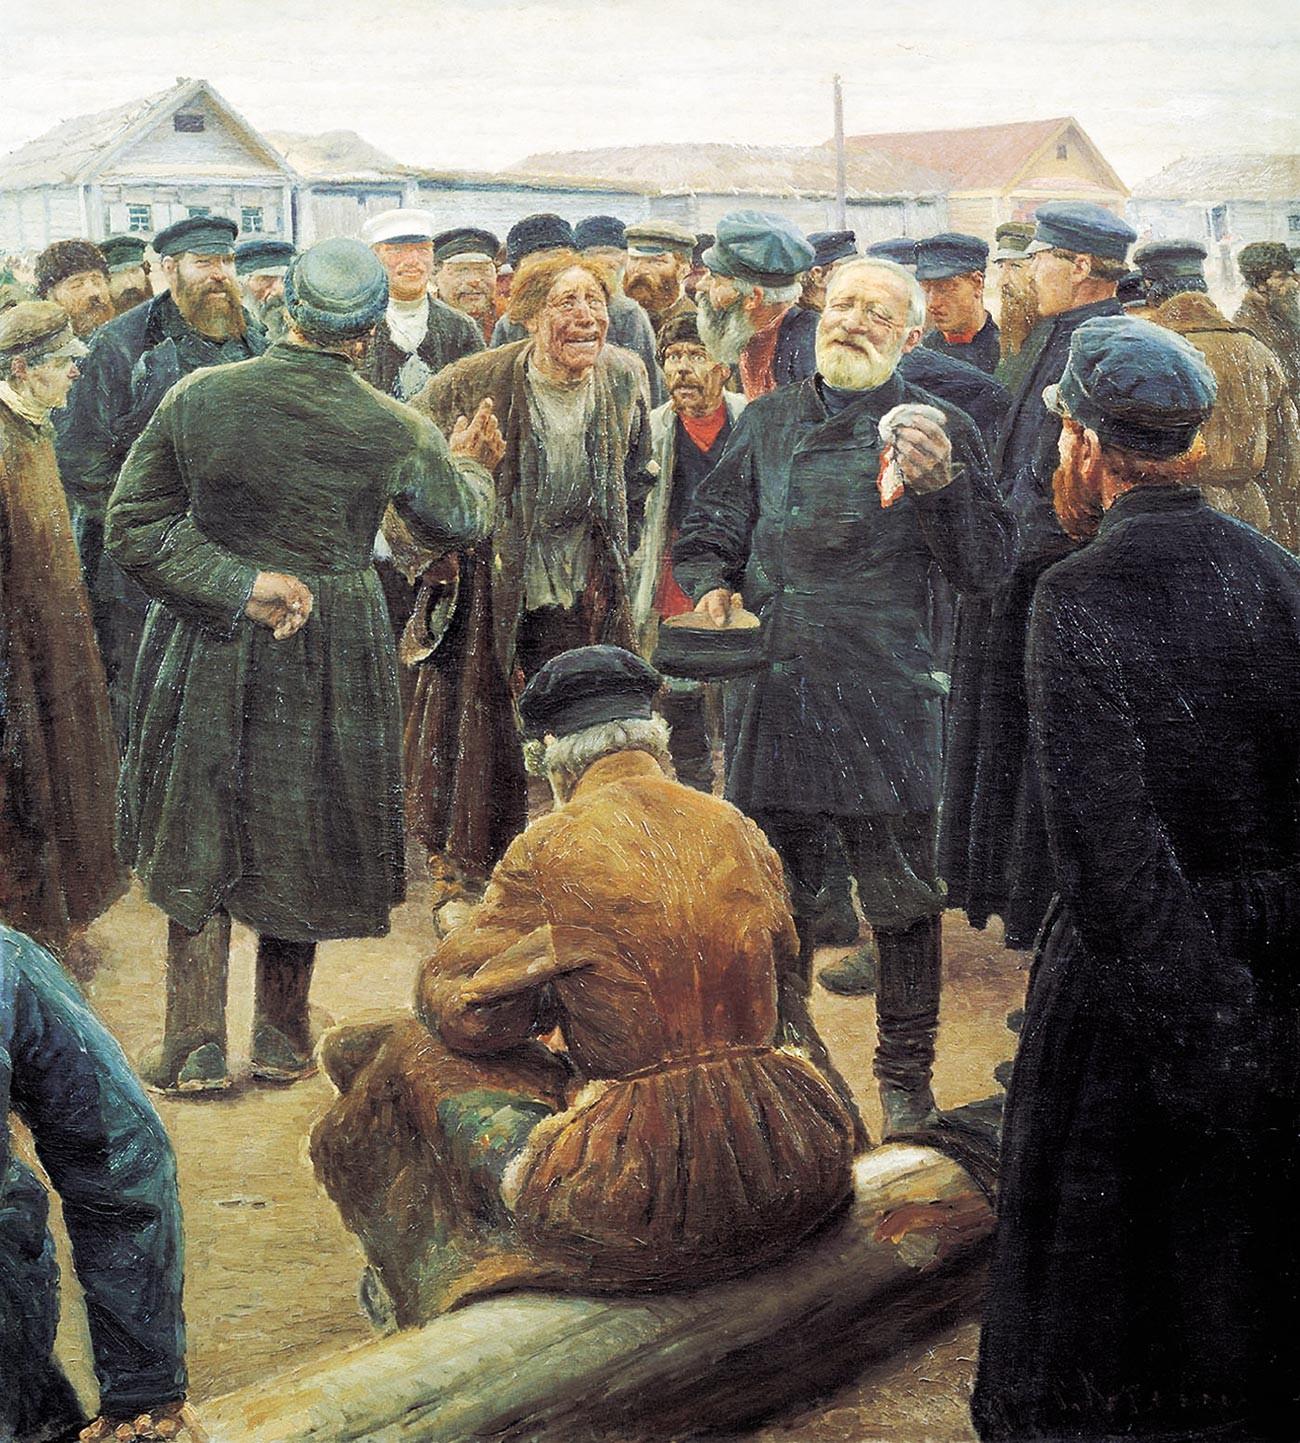 'Hari Libur Troitsa ('Na Miru')' oleh Sergey Korovin, 1893, menggambarkan komunitas desa yang berkumpul di alun-alun pasar Rusia.